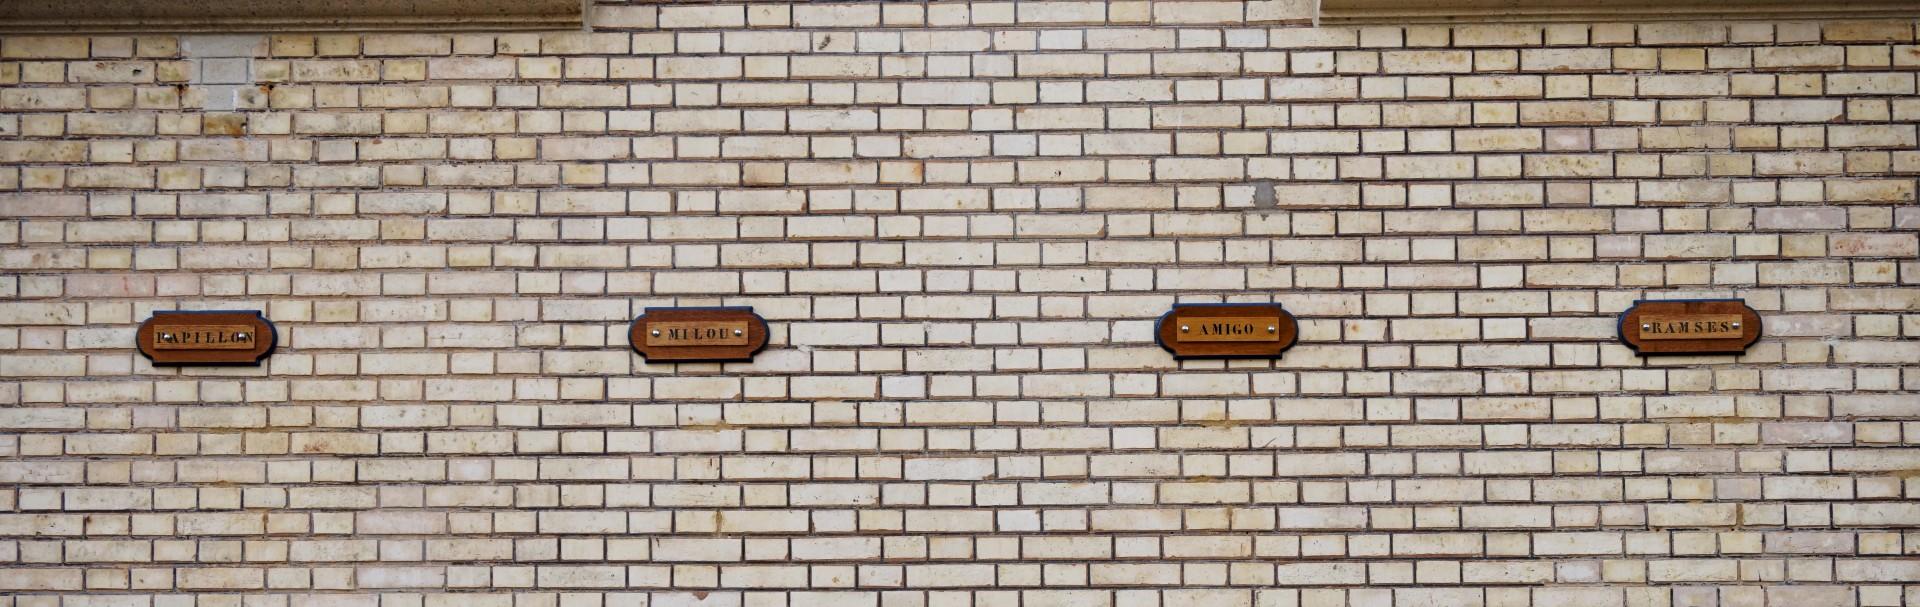 Garde Républicaine, Quartier des Célestins - Paris 4e